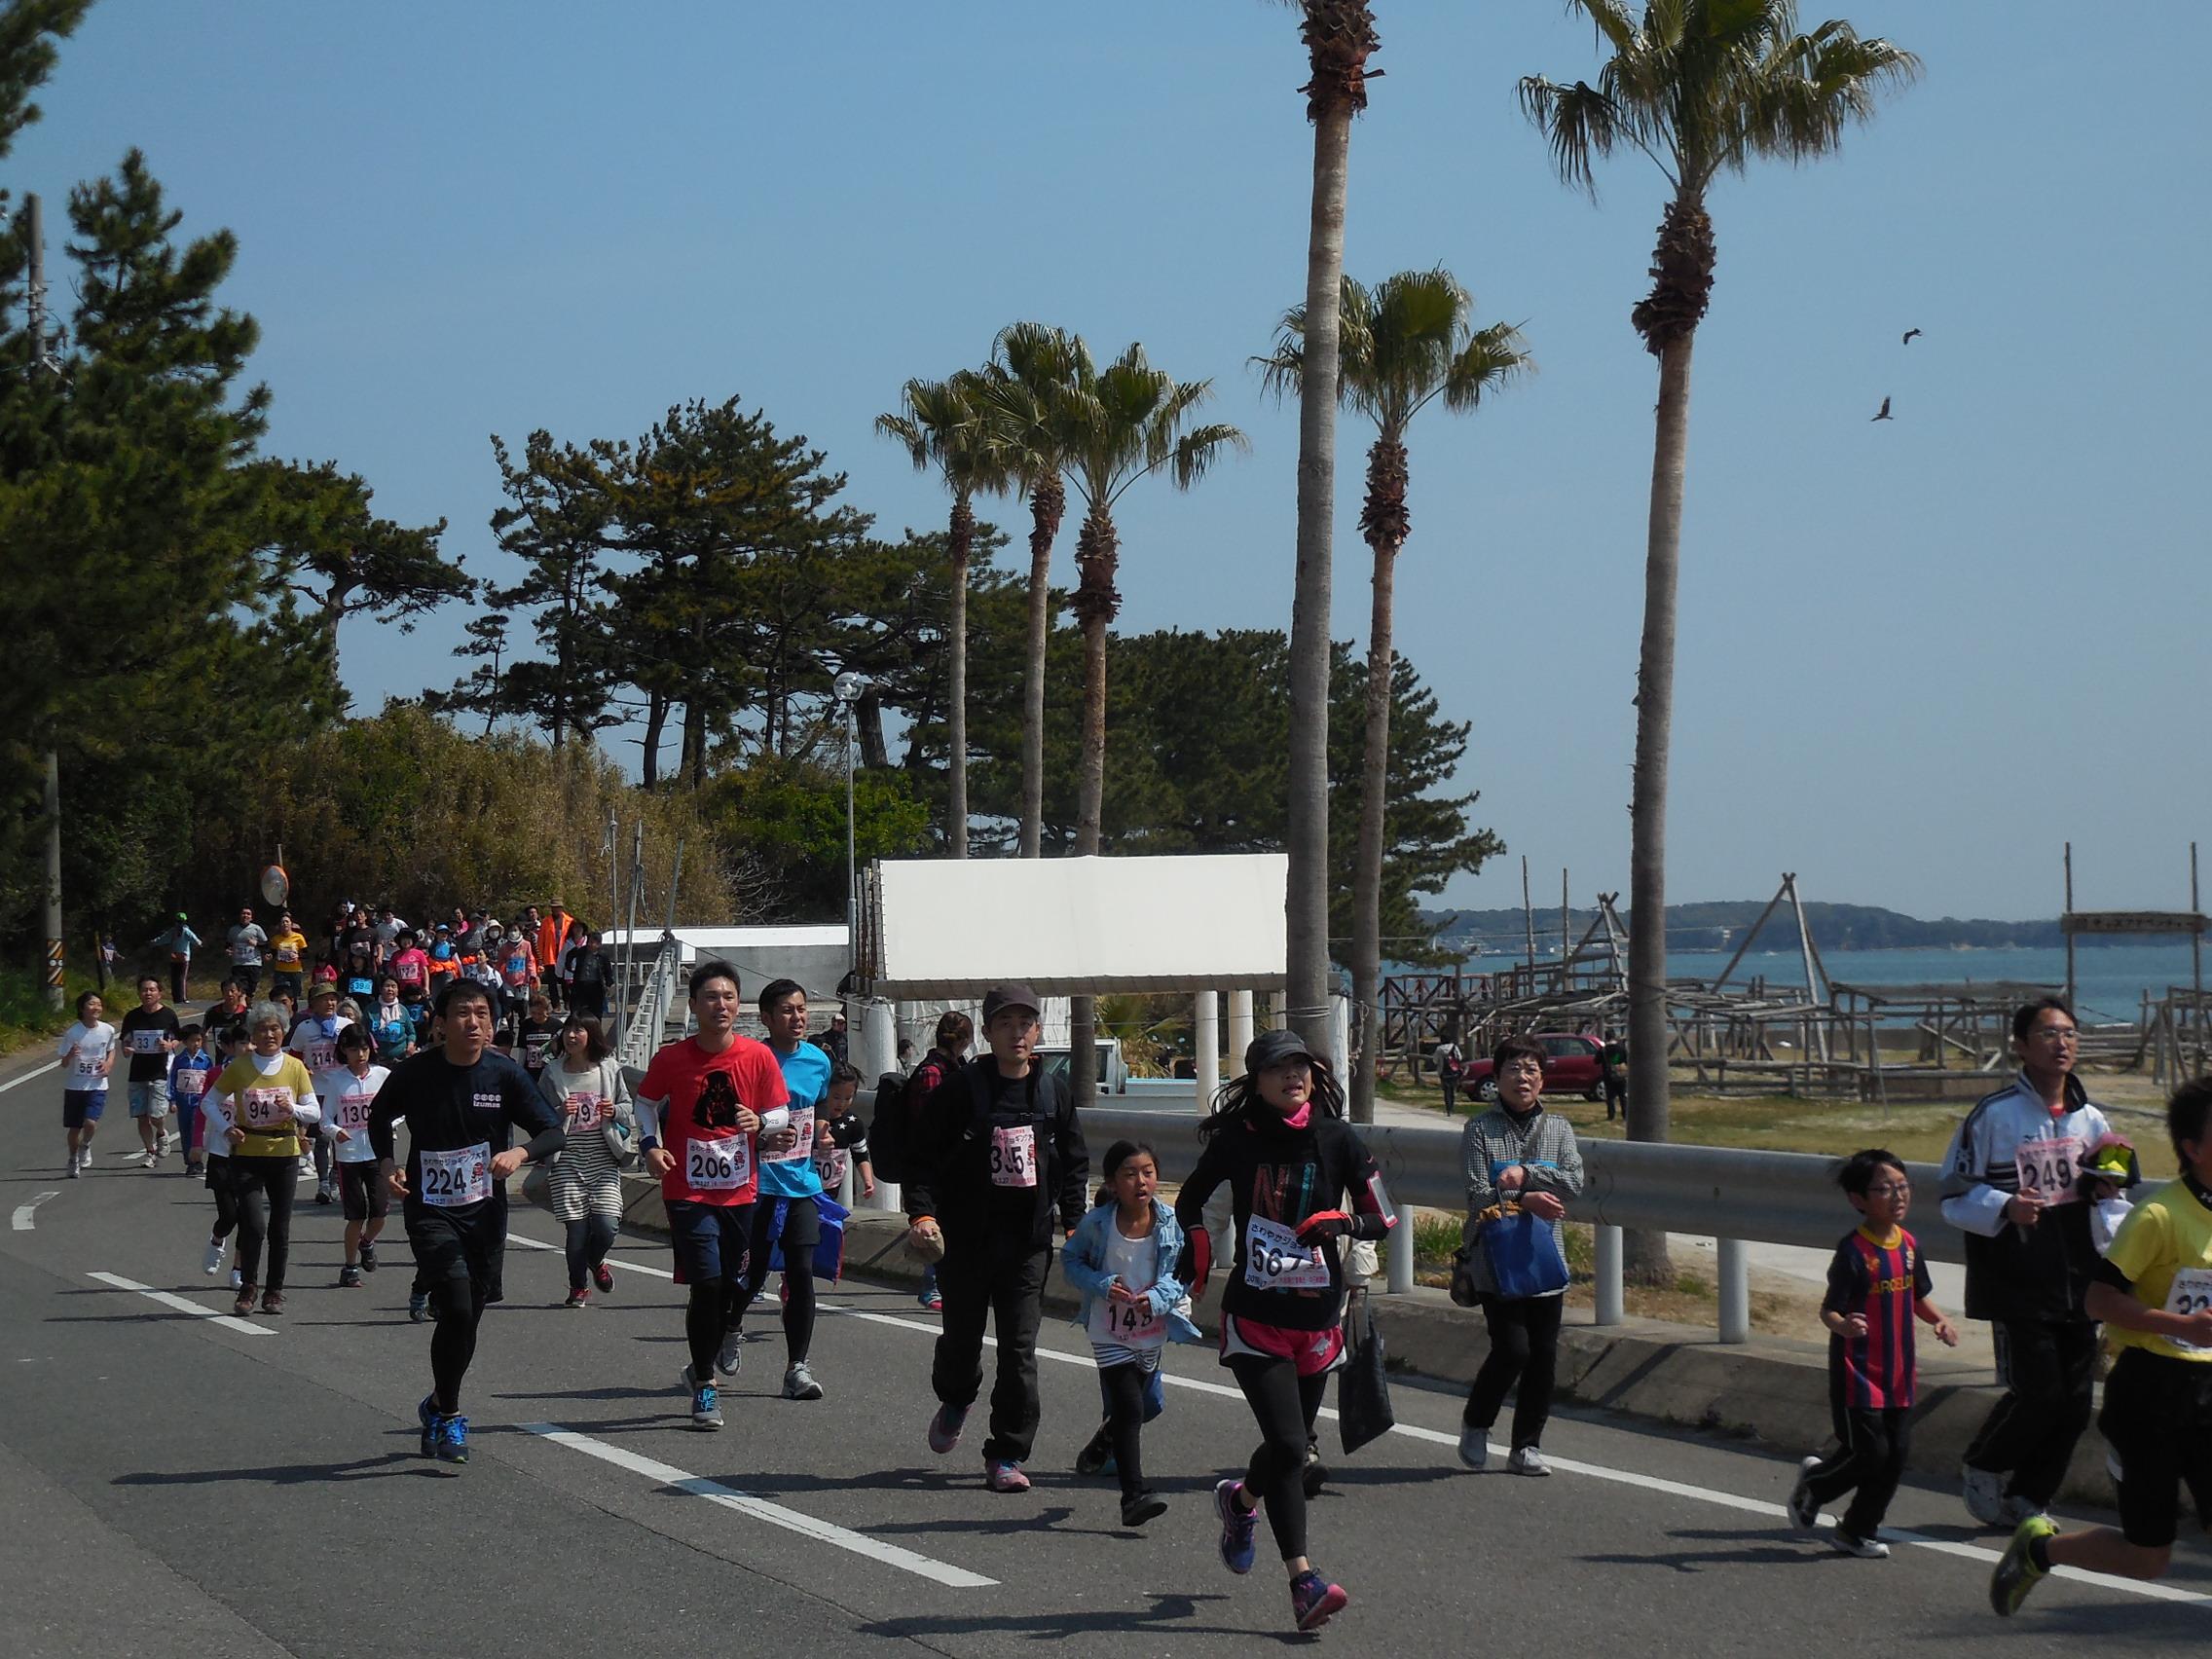 ジョギング大会写真(1月1,15日合併号)